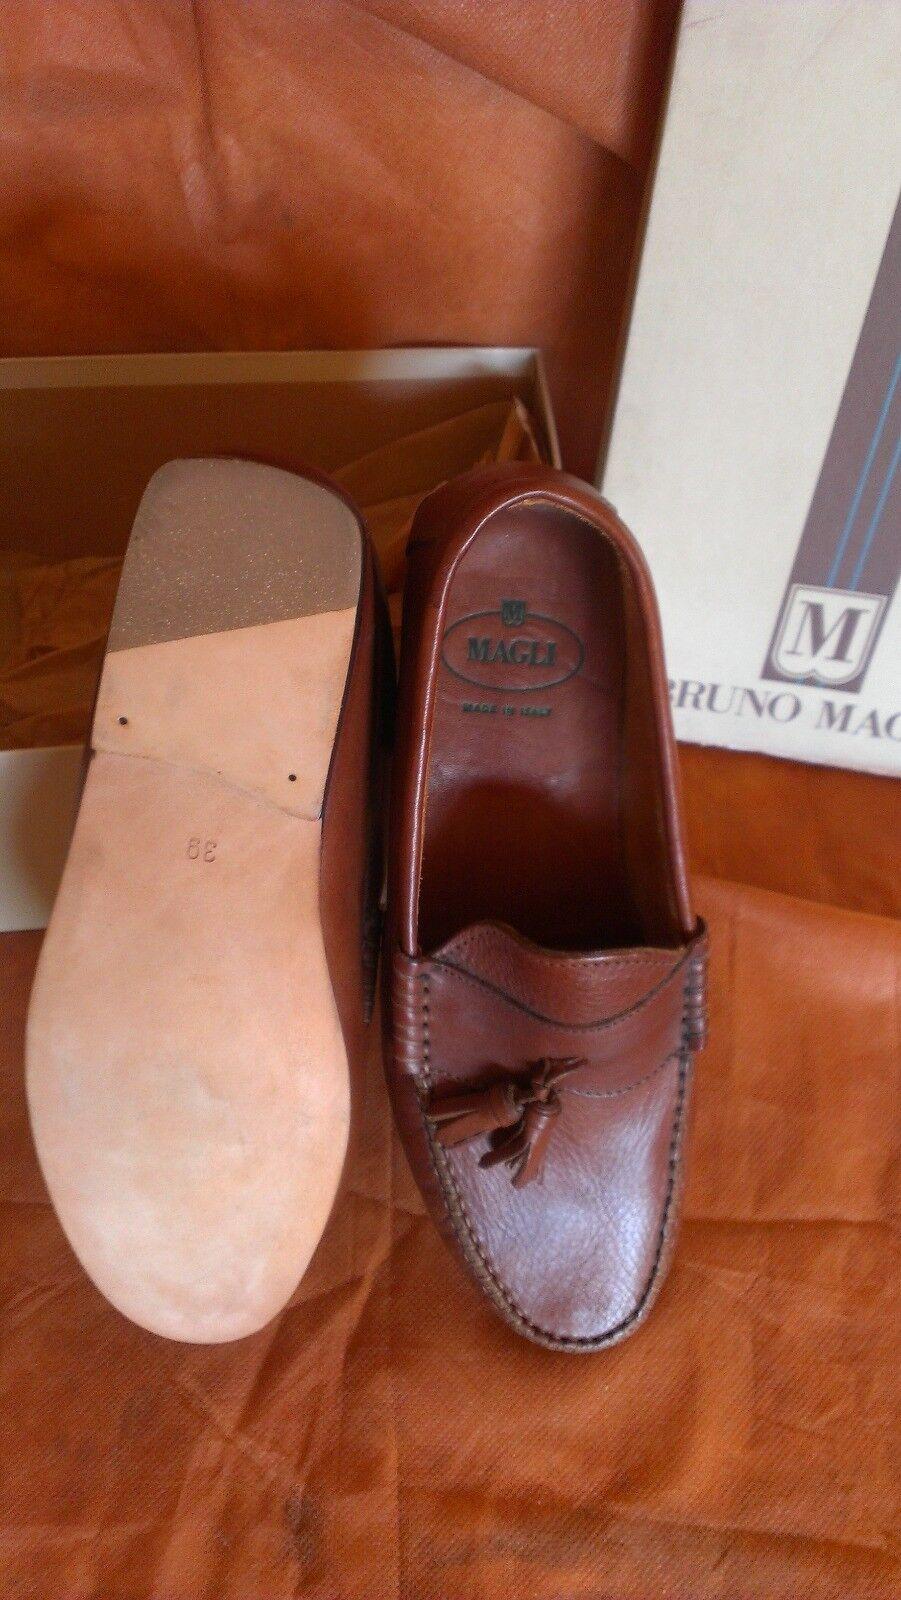 scarpe uomo 39 Bruno Magli  tg 39 uomo mocassino 883bca